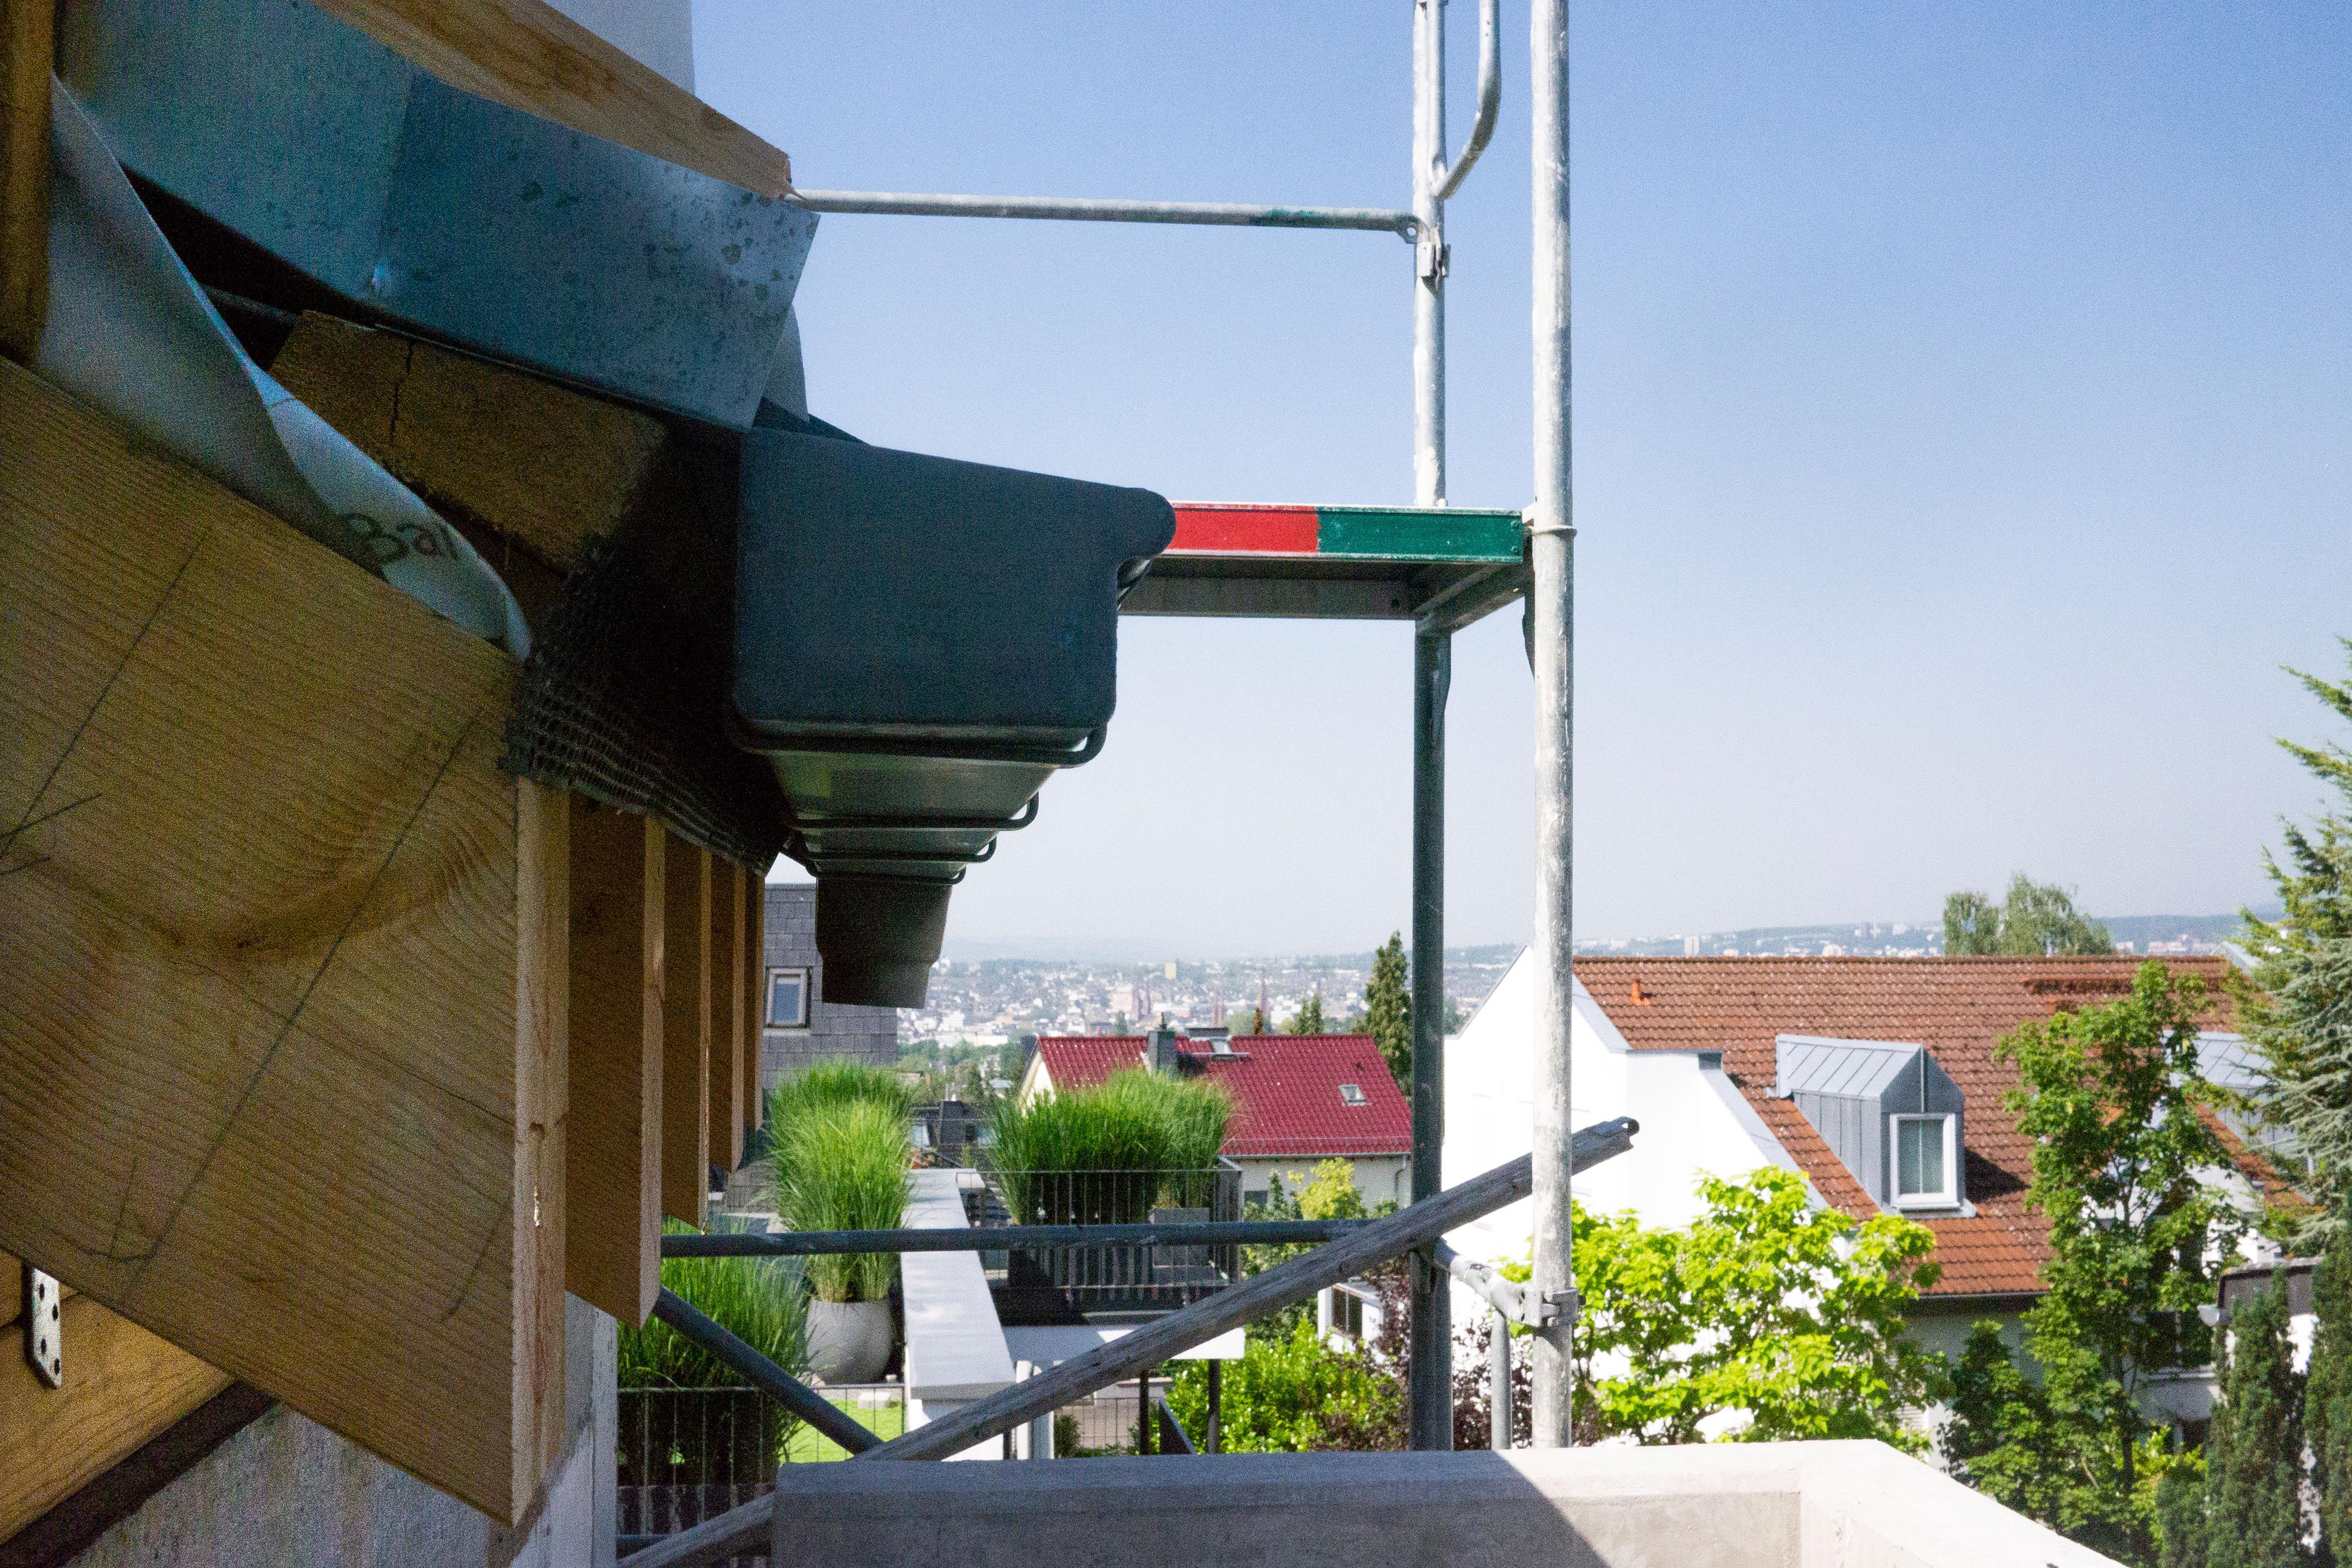 Energieberatung Wiesbaden, Fördermittelantrag Wiesbaden, Lüftungskonzept und energetische Baubegleitung:Joachim Schrader, Bauen+Energie